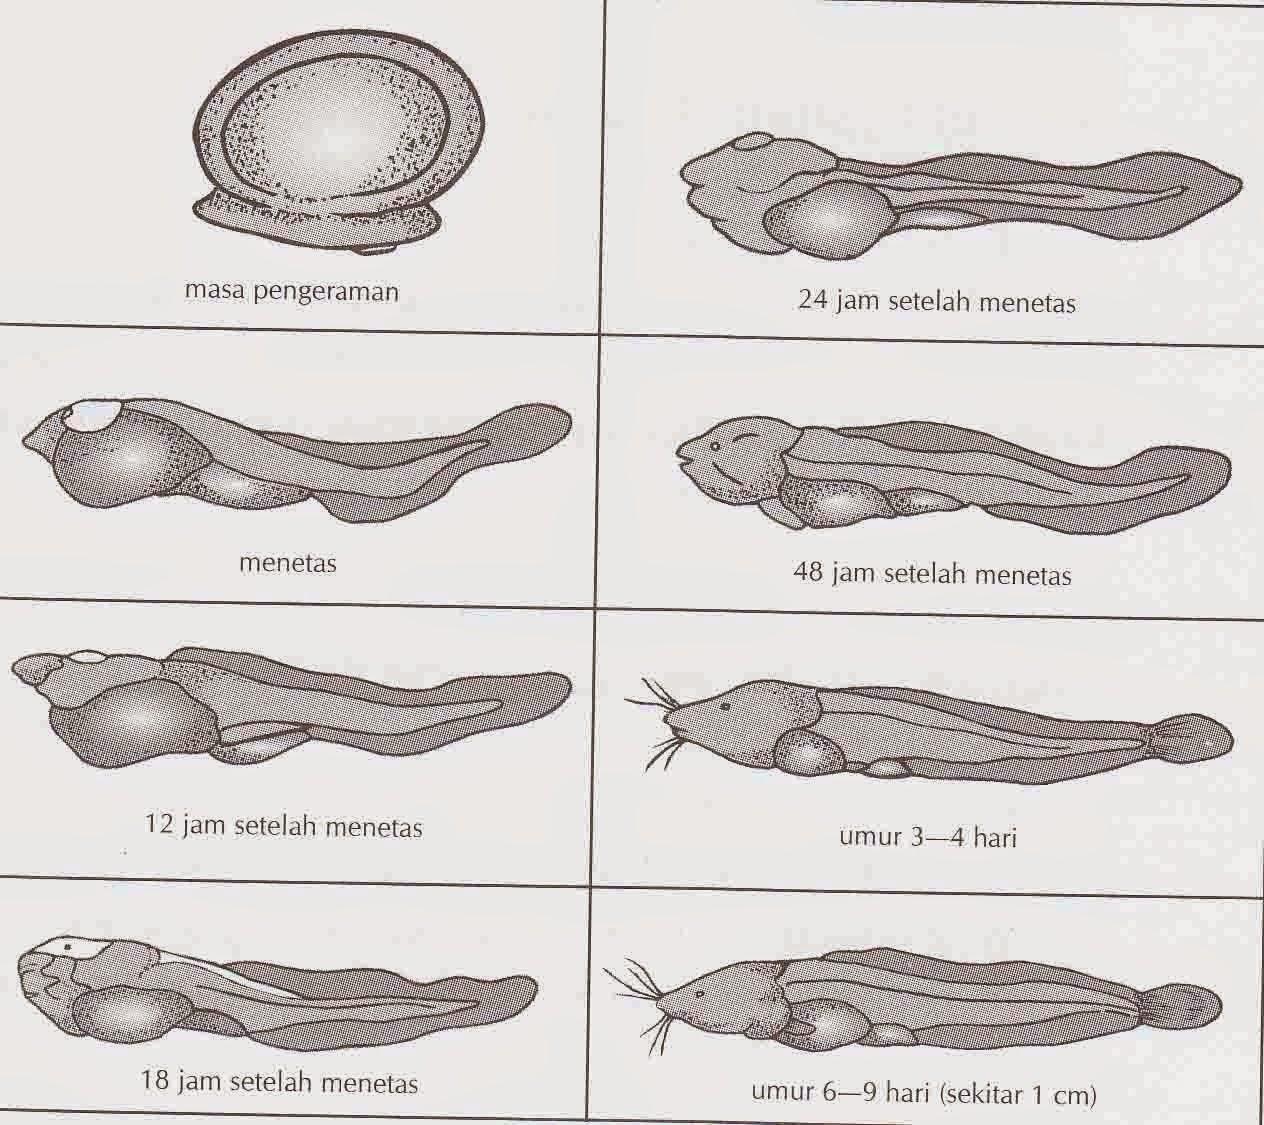 telur ikan lele, larva lele, burayak lele